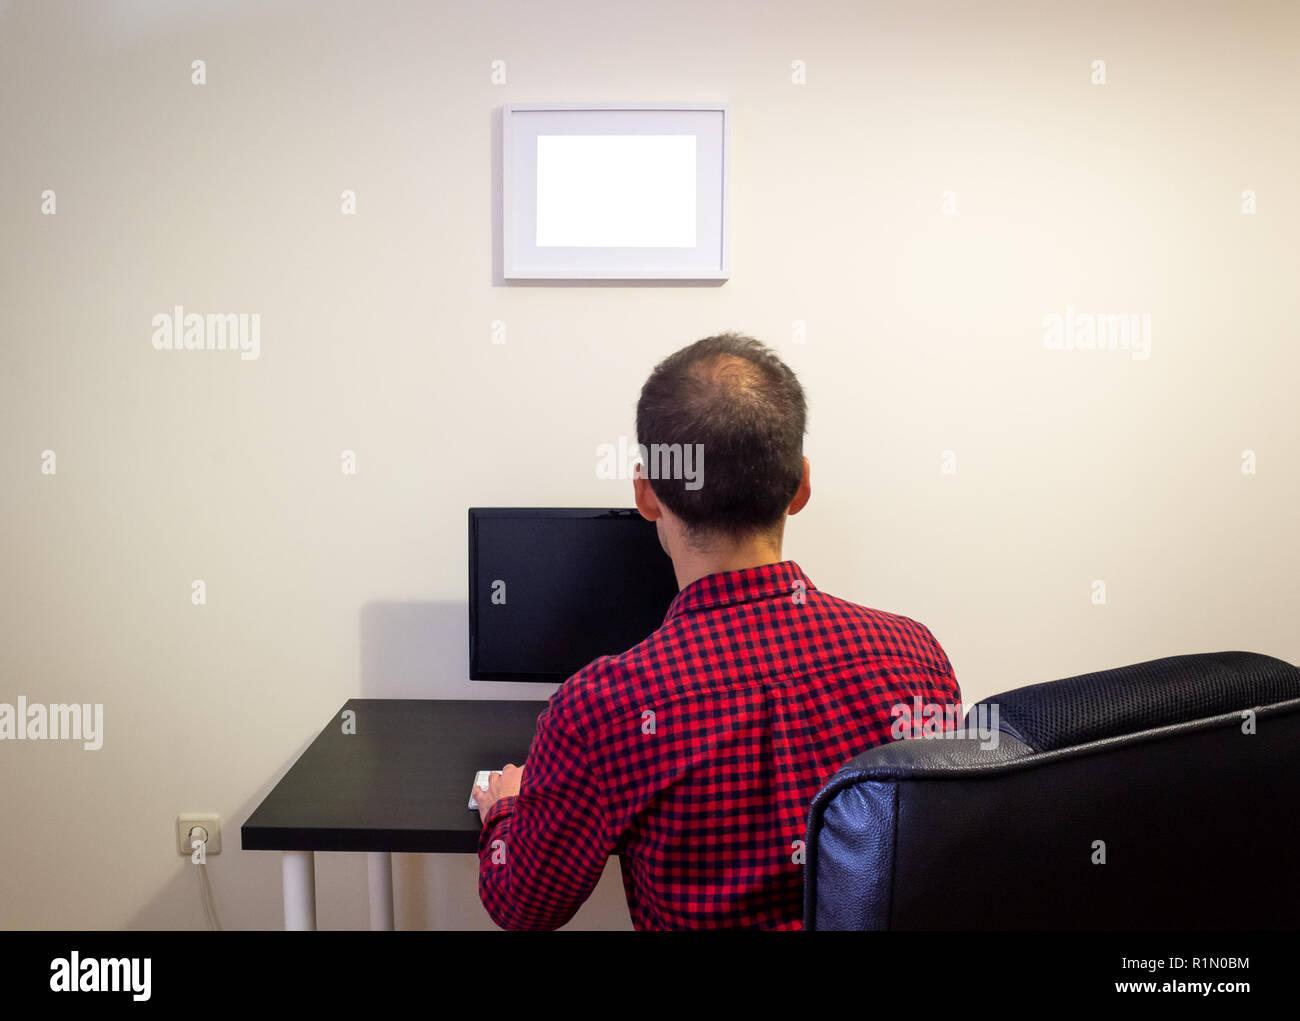 Mann Im Buro Computer Auf Holz Schwarz Schreibtisch Mockup